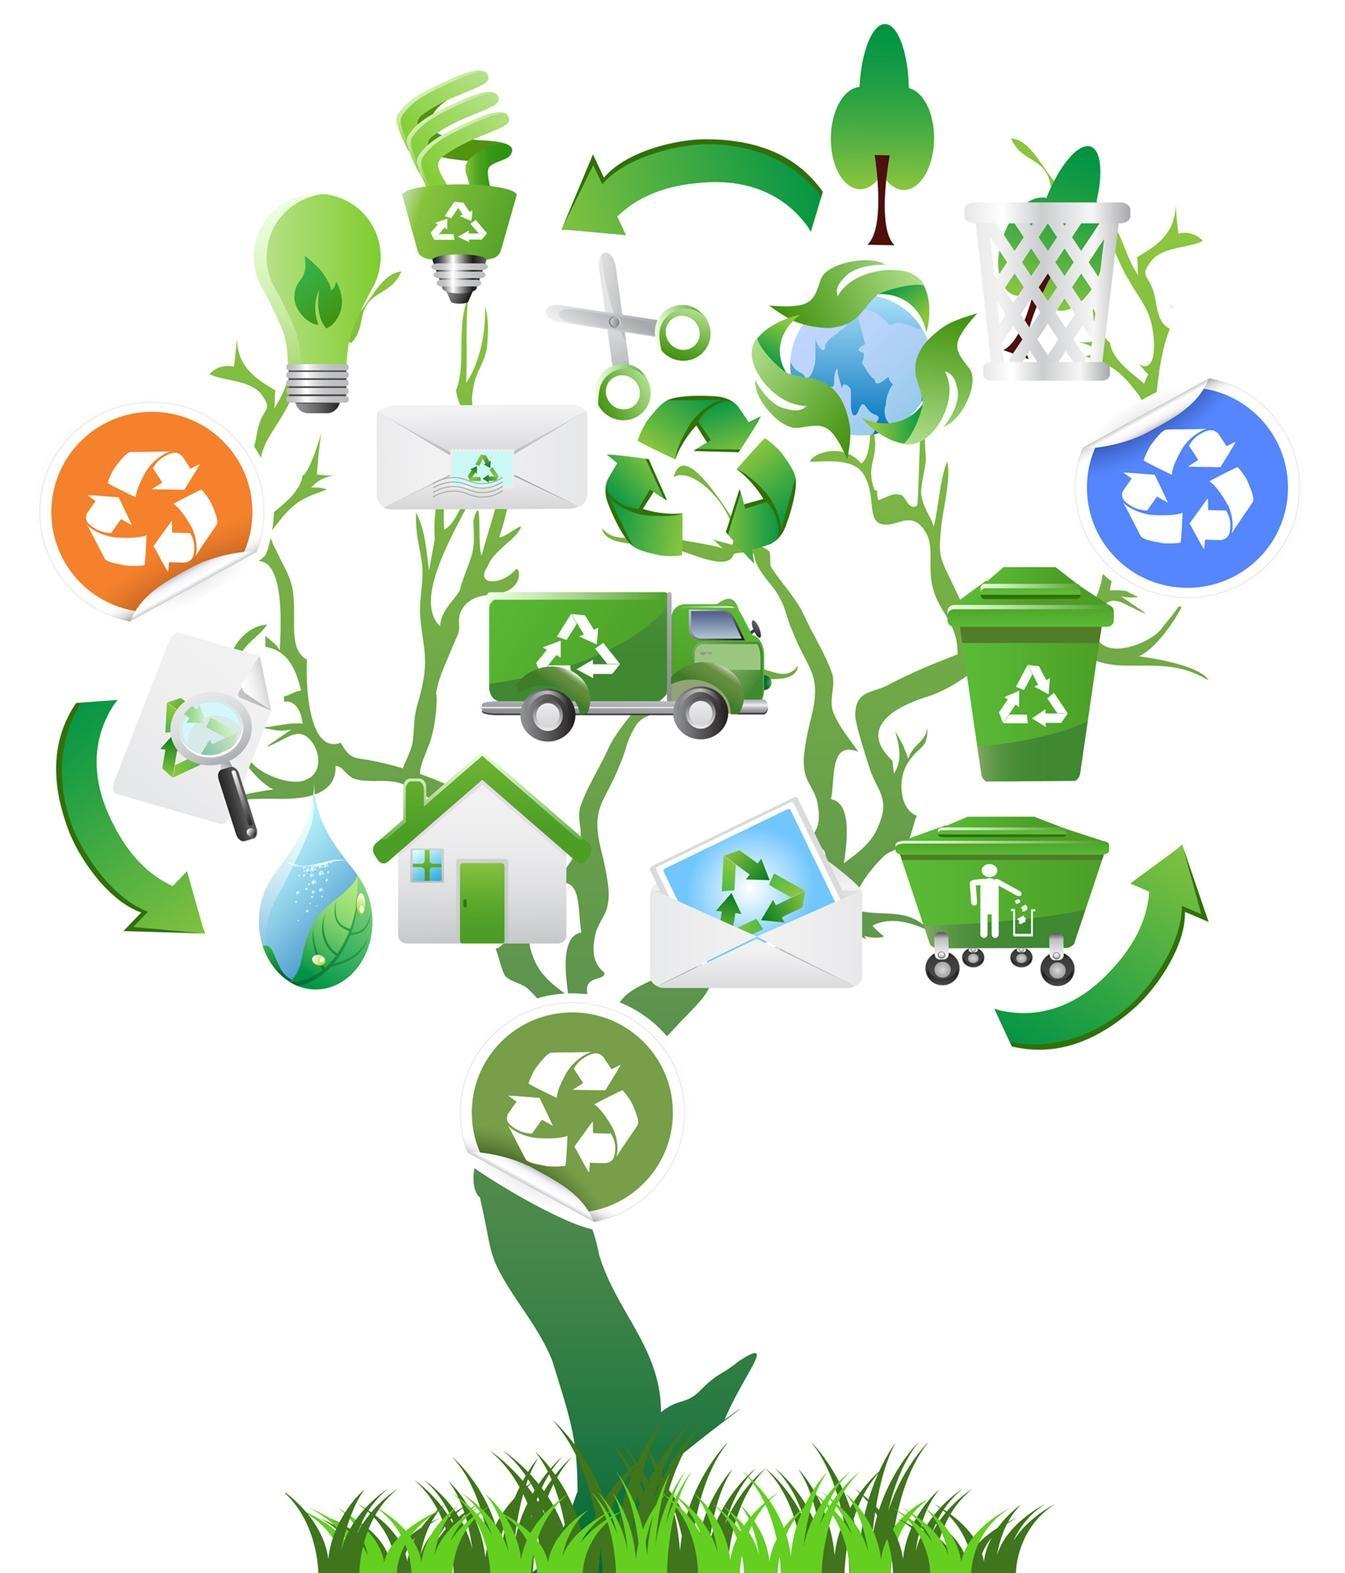 Smaltimento Rifiuti Sessa Aurunca salvaguardiamo l'ambiente e costruiamo il nostro futuro